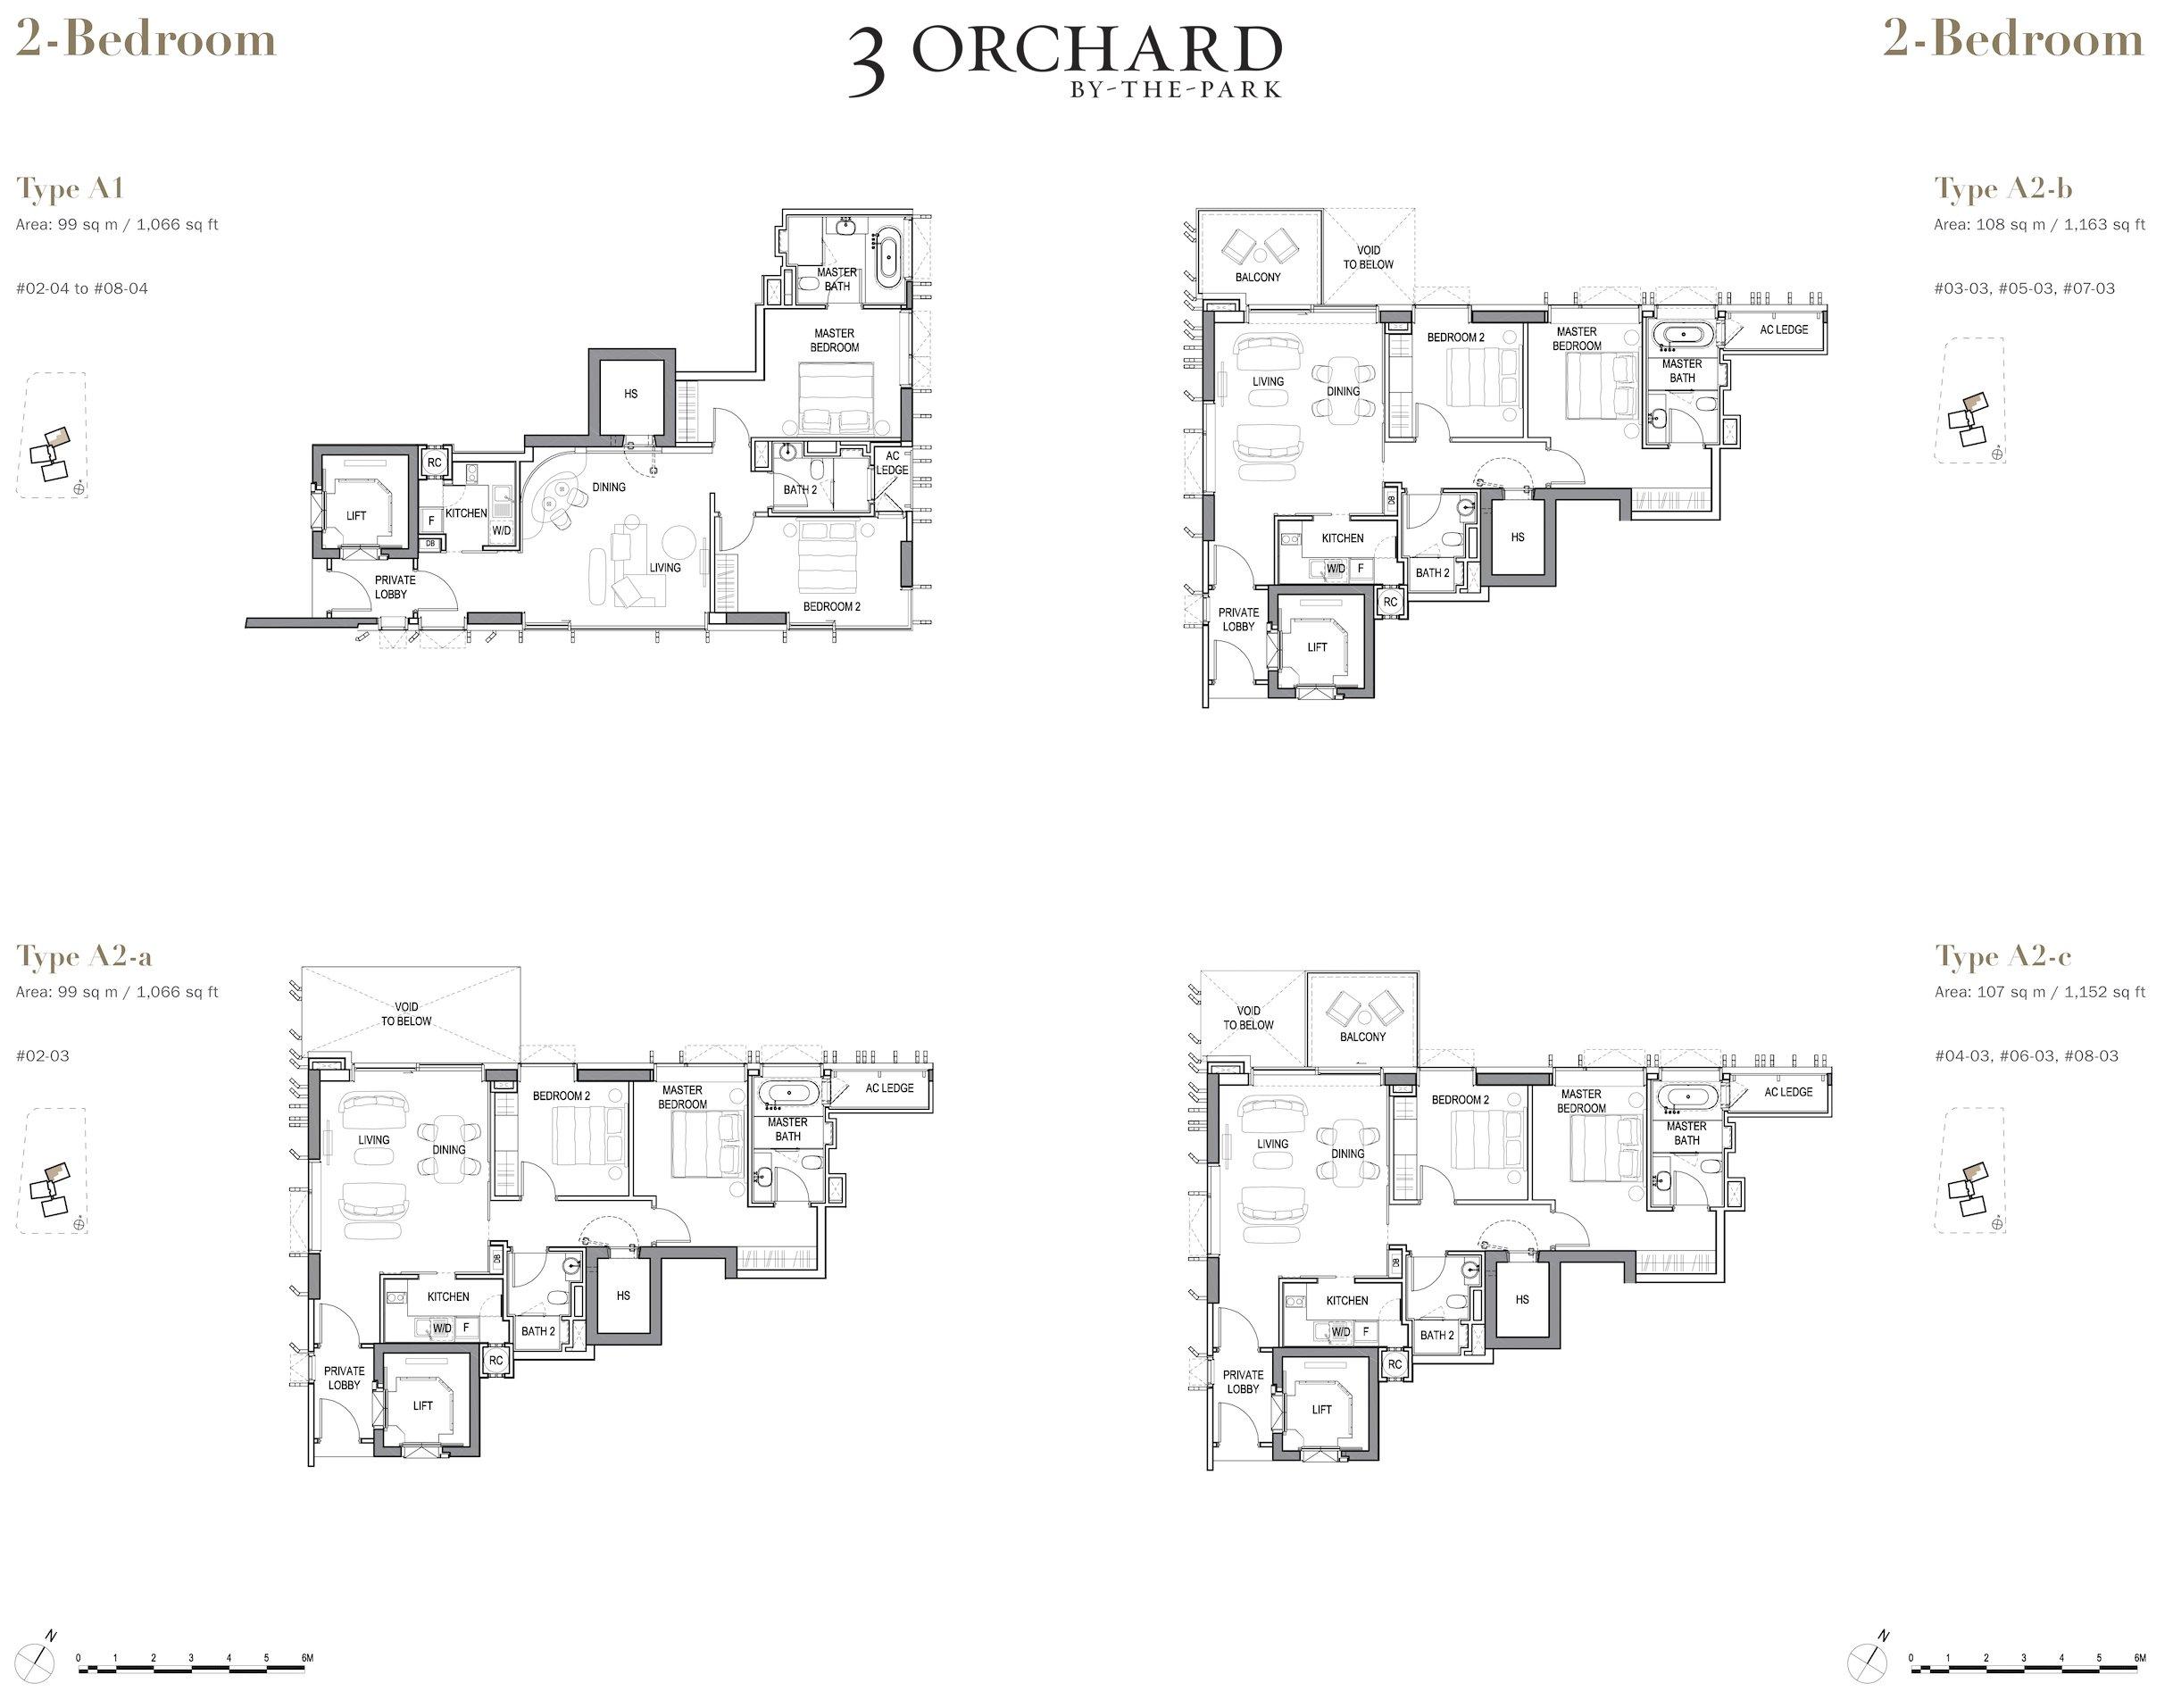 乌节三翠林 3 Orchard By The Park 2 bedroom wood